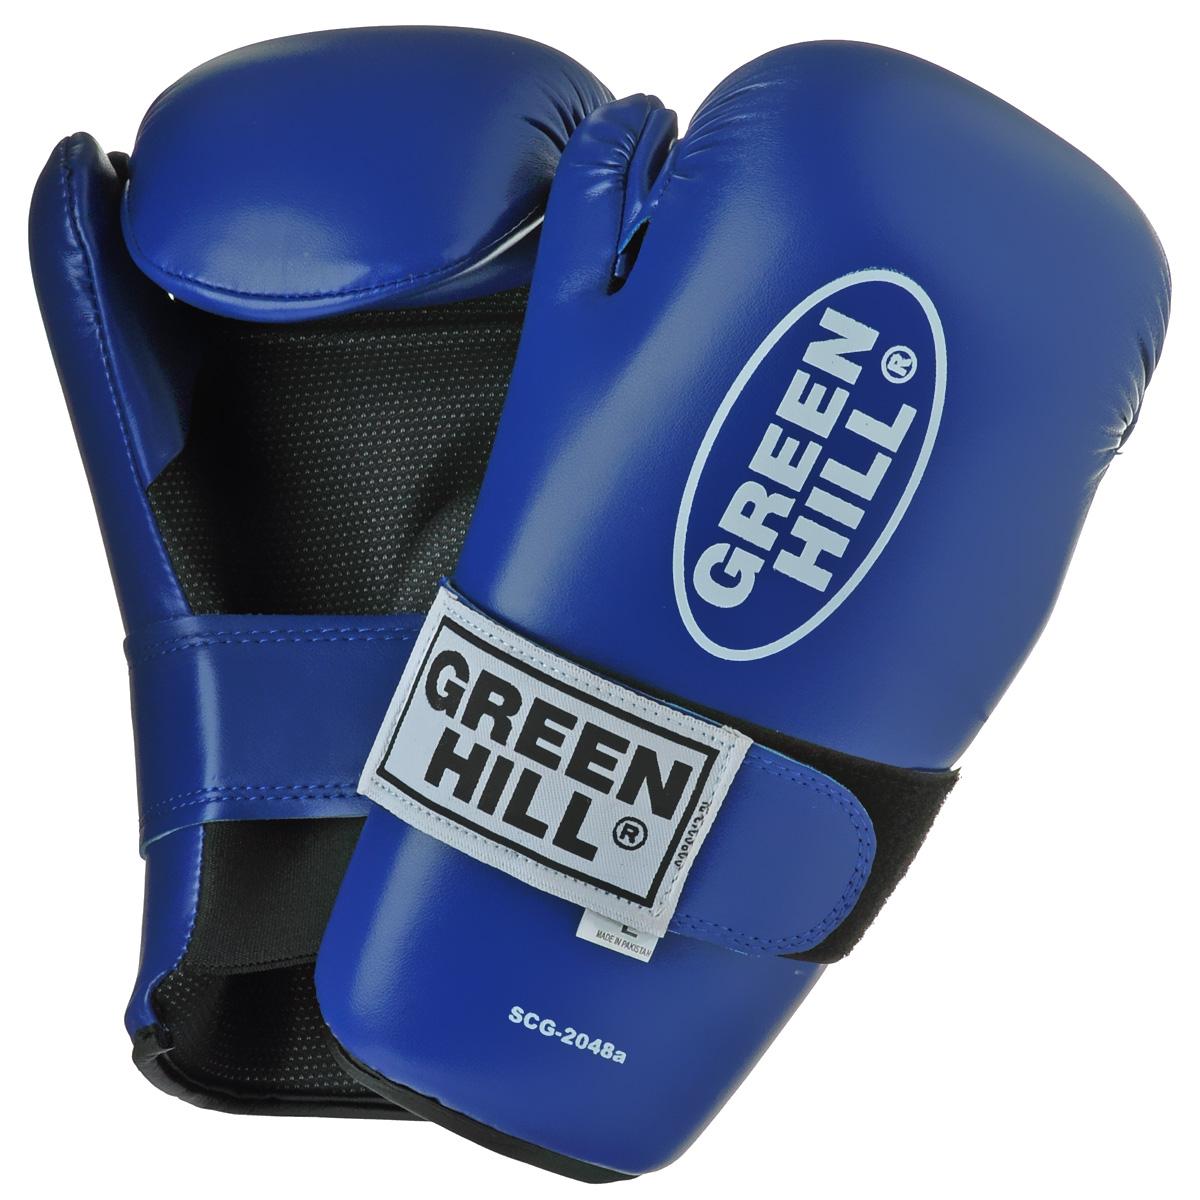 Перчатки для контактных единоборств Green Hill 7-contact, цвет: синий. Размер XLSCG-2048cНакладки Green Hill 7-contact для контактных видов единоборств семиконтакт. Идеально подходят для обучения, спаррингов и соревнований. Перчатки выполнены из высококачественной. Широкий ремень, охватывая запястье, полностью оборачивается вокруг манжеты, благодаря чему создается дополнительная защита лучезапястного сустава от травмирования. Застежка на липучке способствует быстрому и удобному одеванию перчаток, плотно фиксирует перчатки на руке.